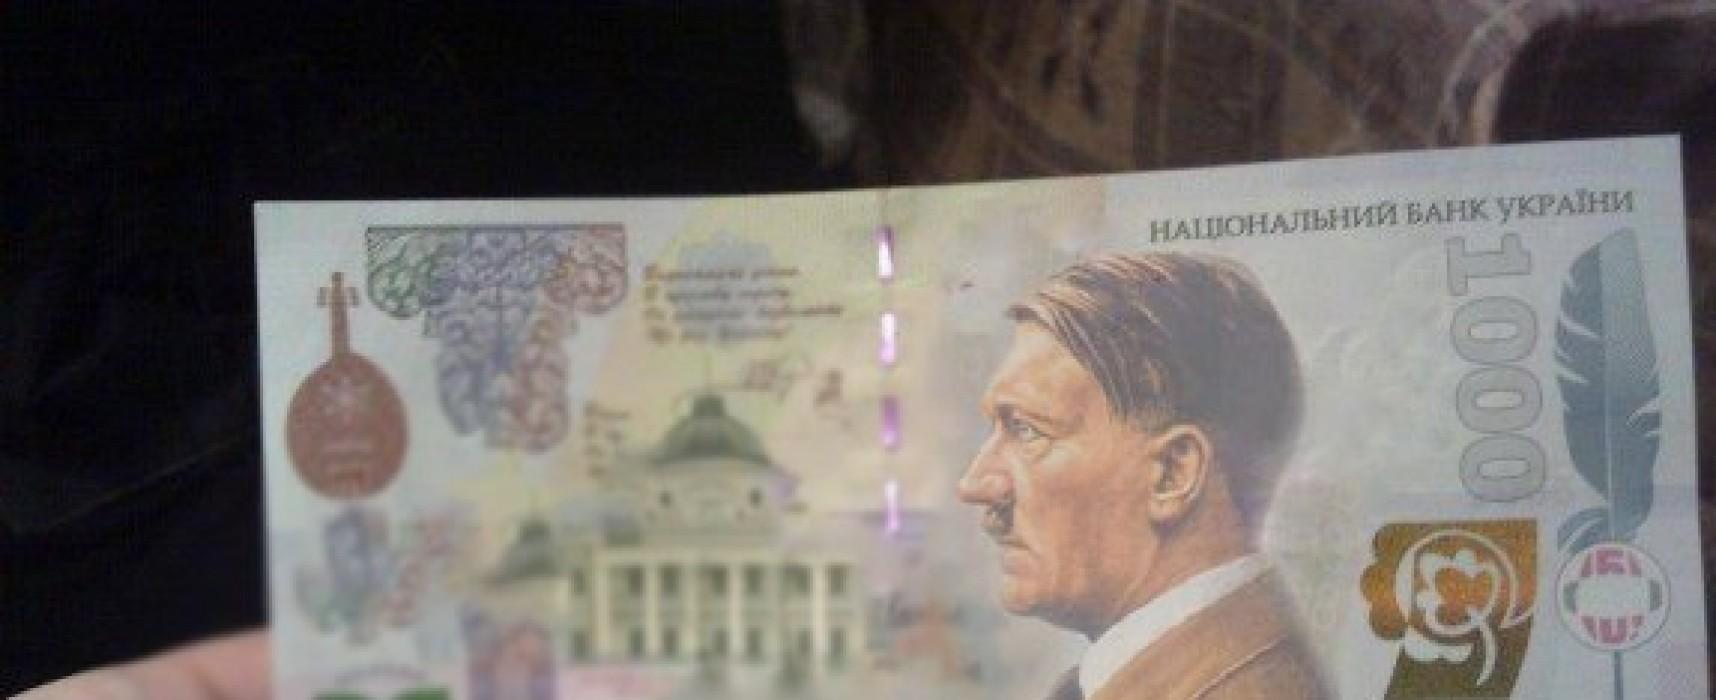 """Falso: El partido """"Libertad"""" hizo un bosquejo de billete con la imagen de Hitler"""